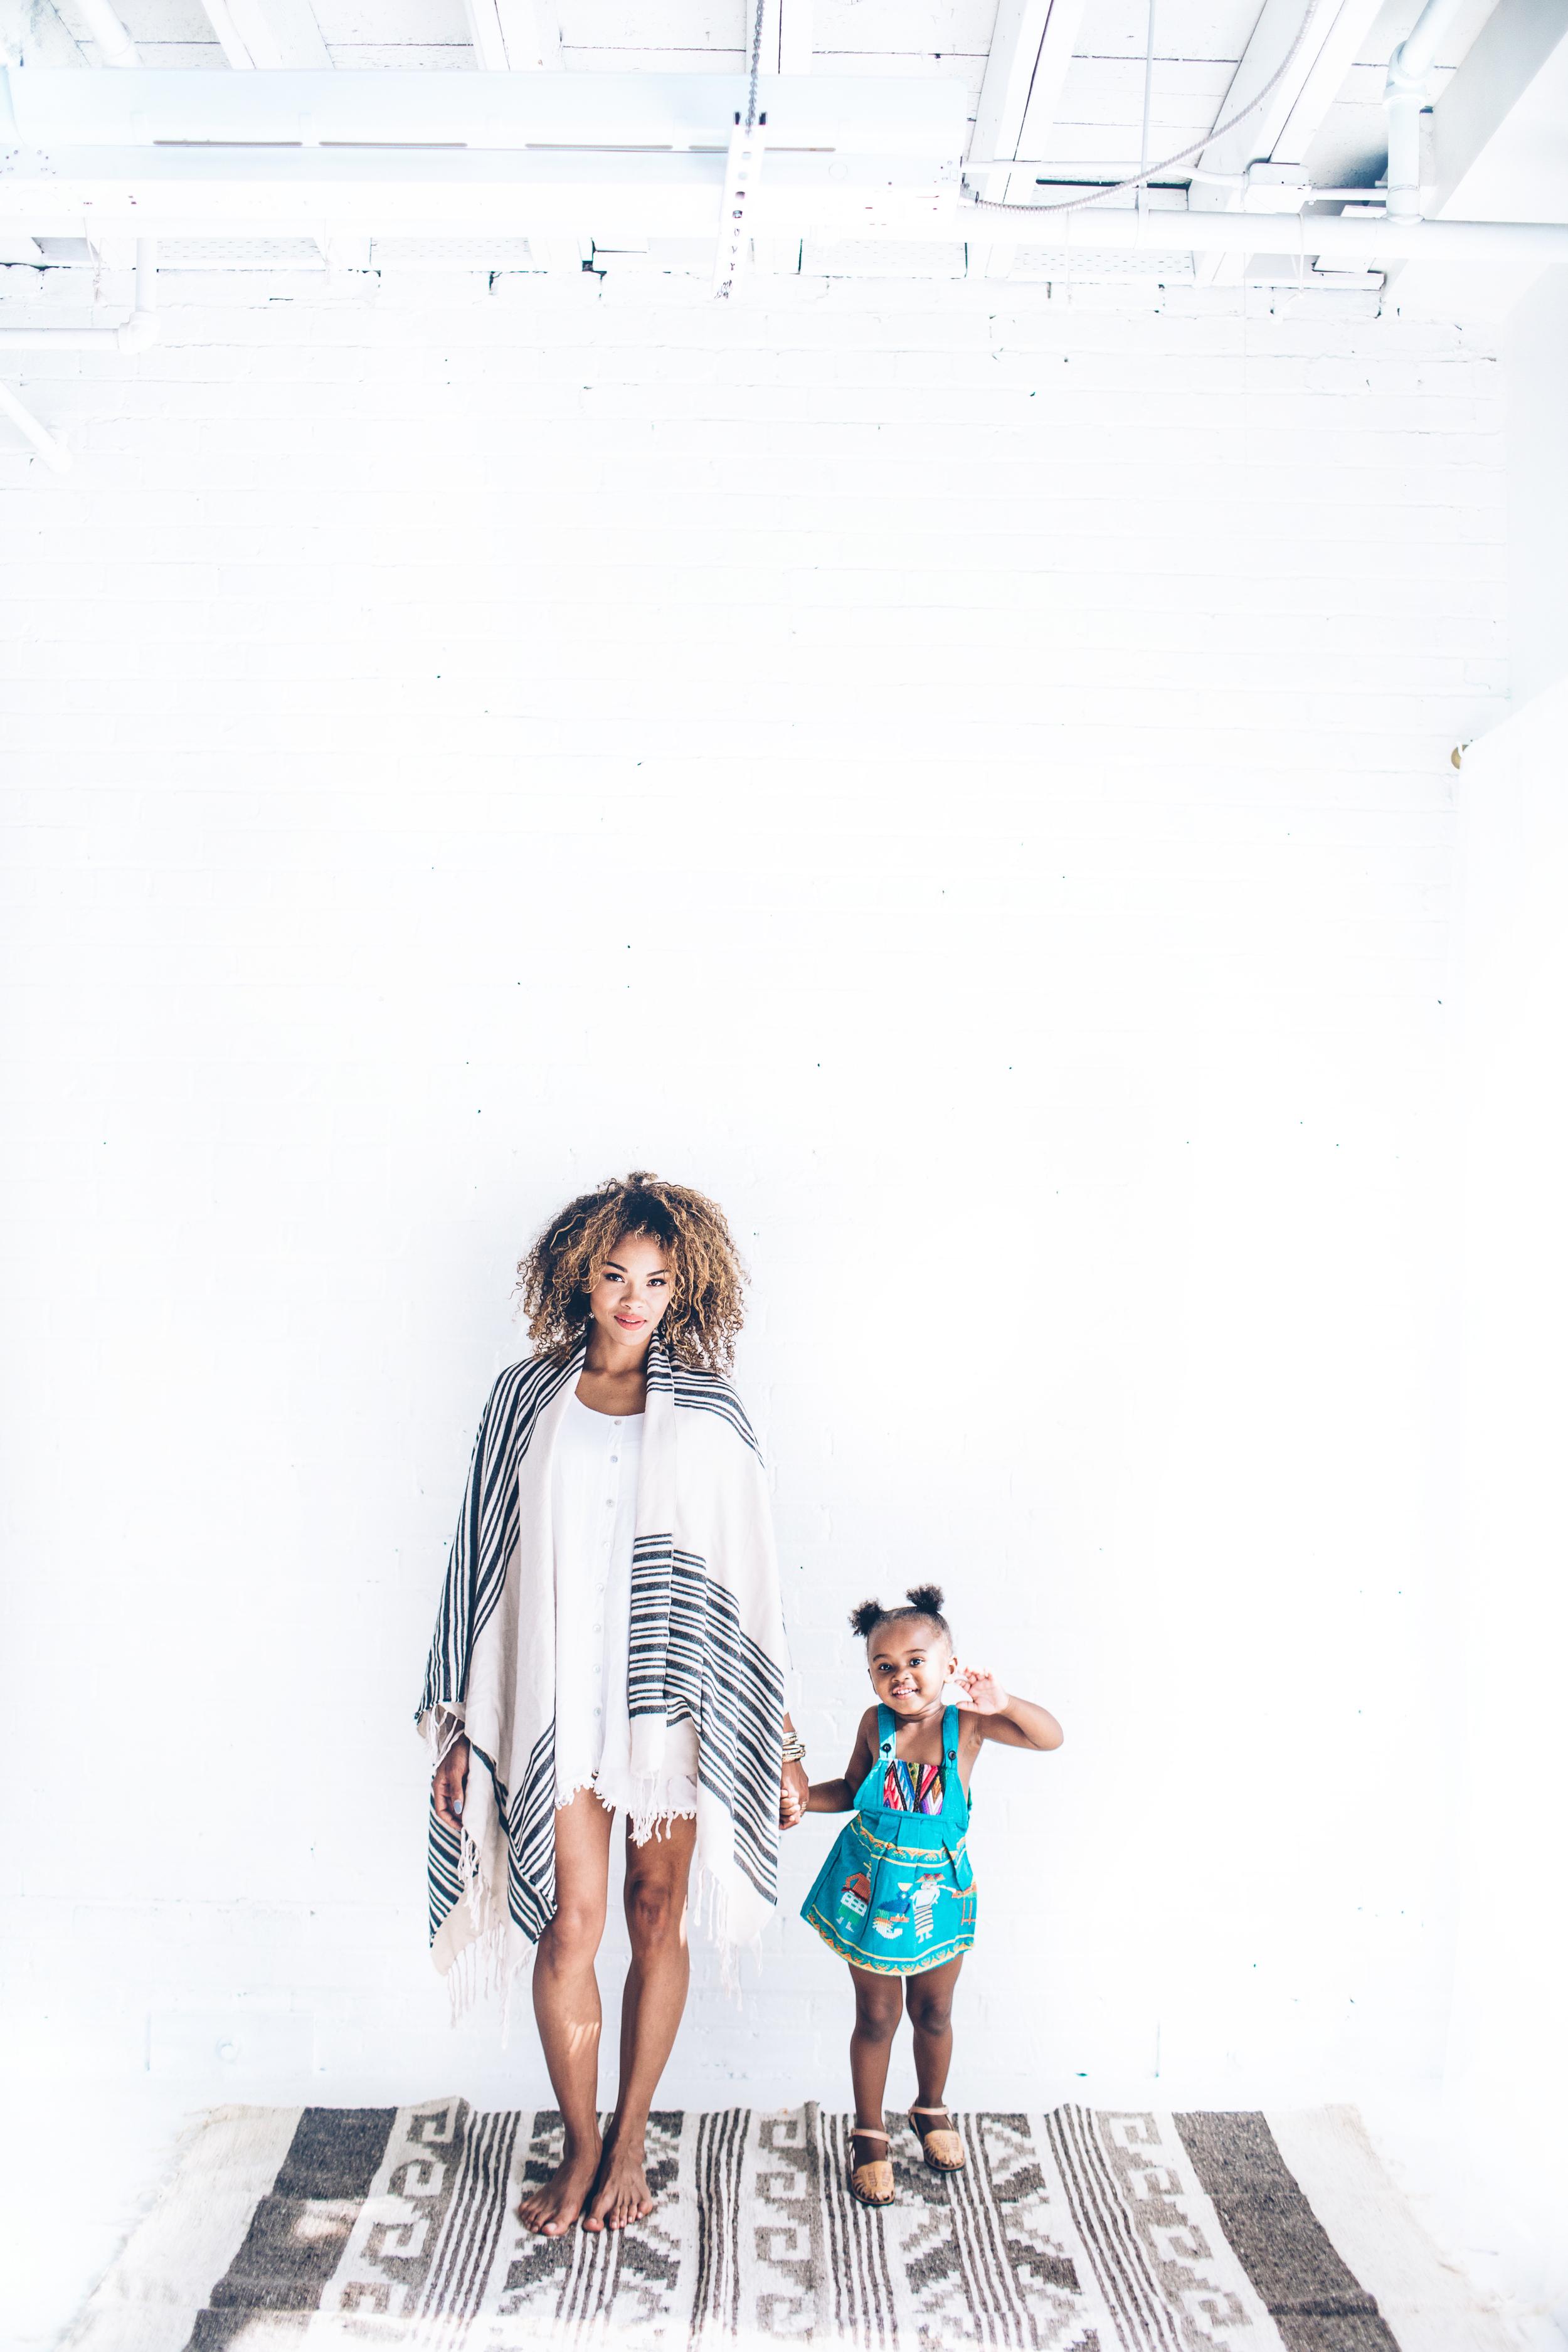 EmmyLowePhotoHumbleHiloAug2015-19.jpg